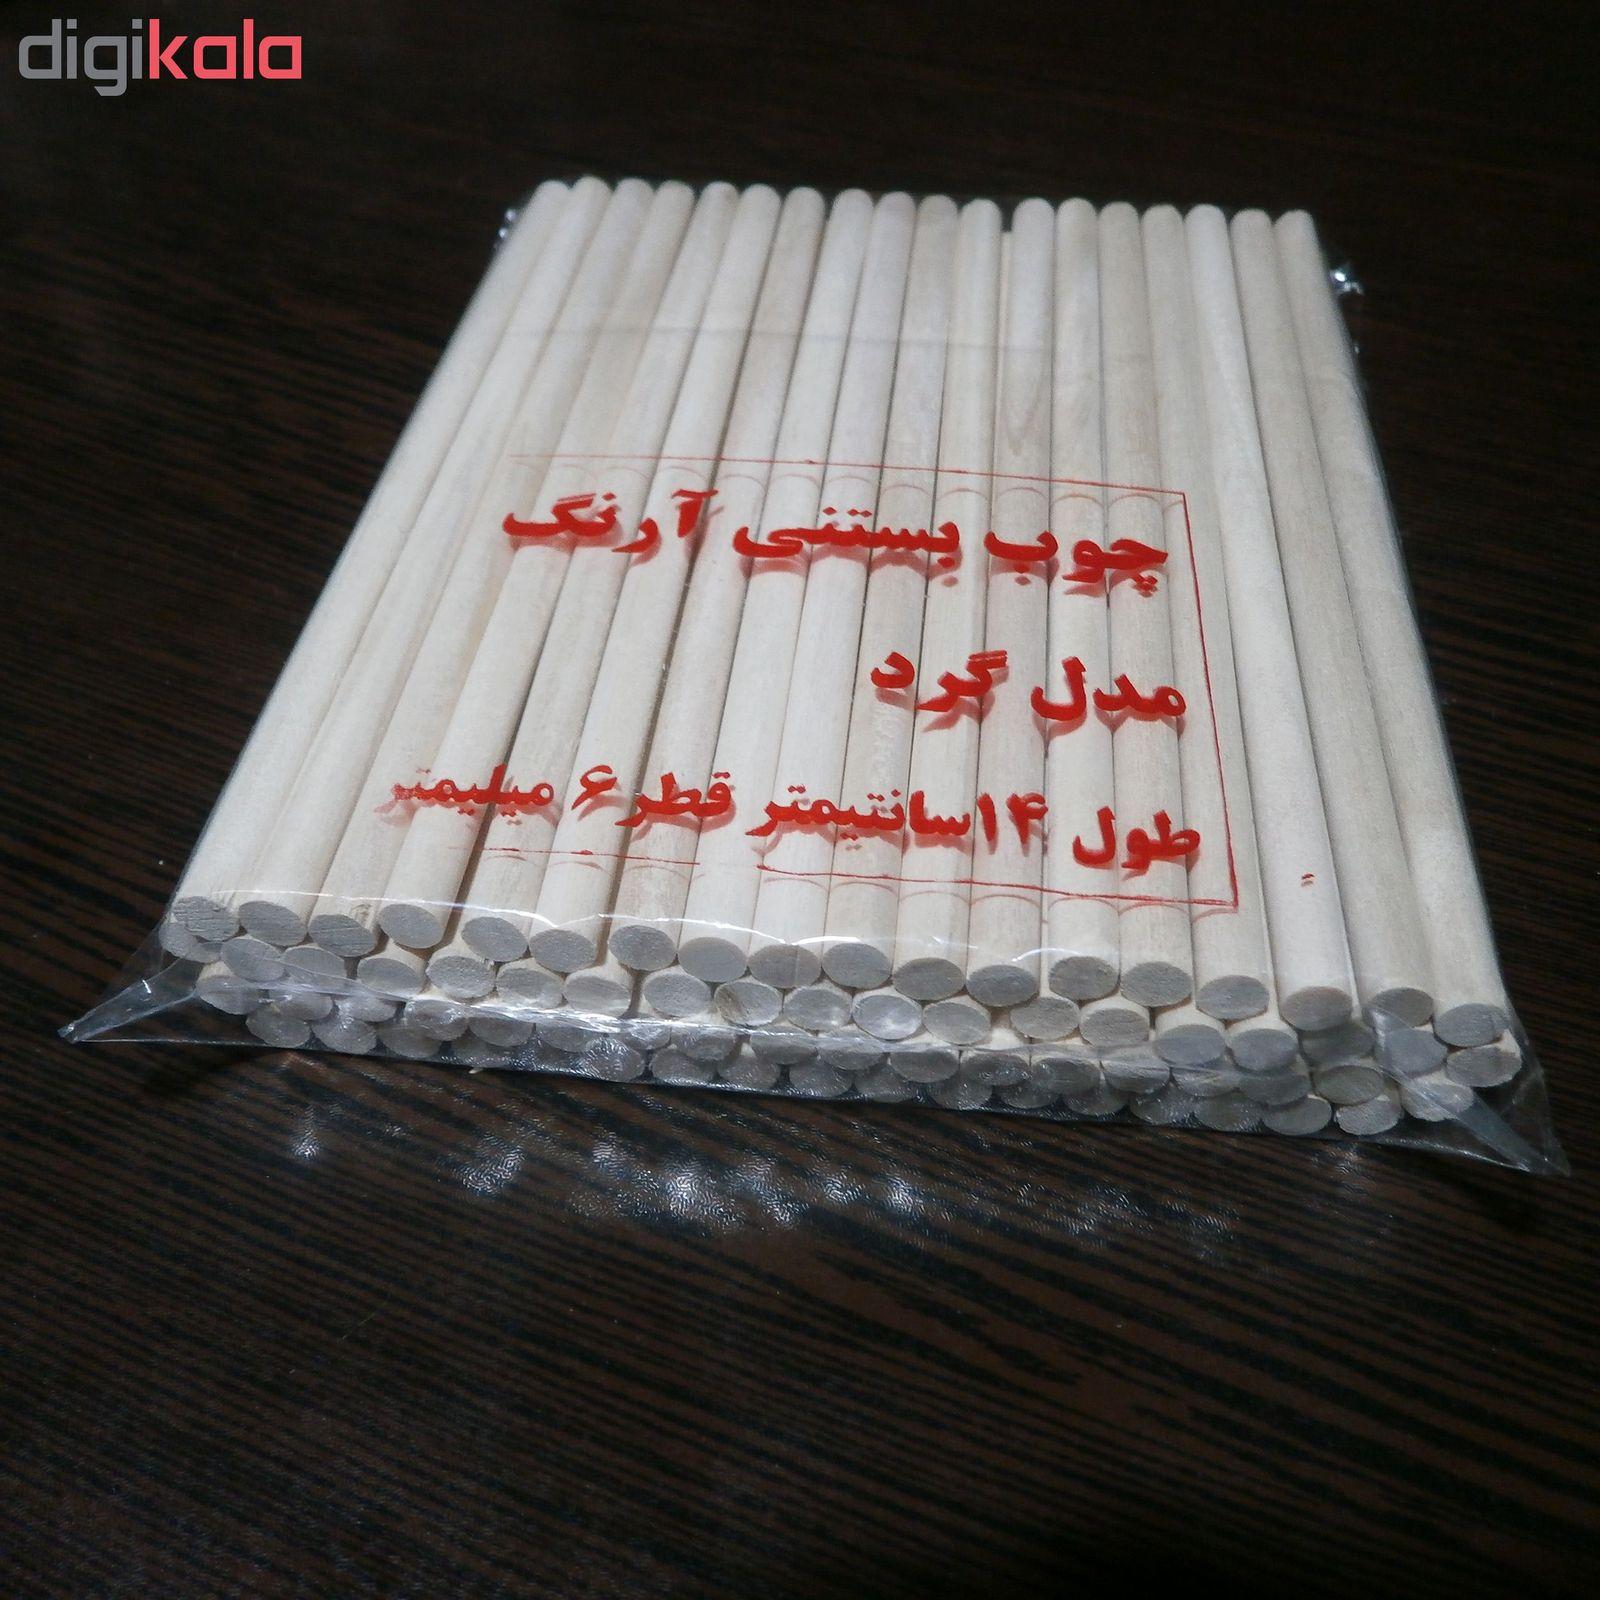 چوب بستنی  آرنگ مدل GRD1406_80 بسته 80 عددی main 1 1